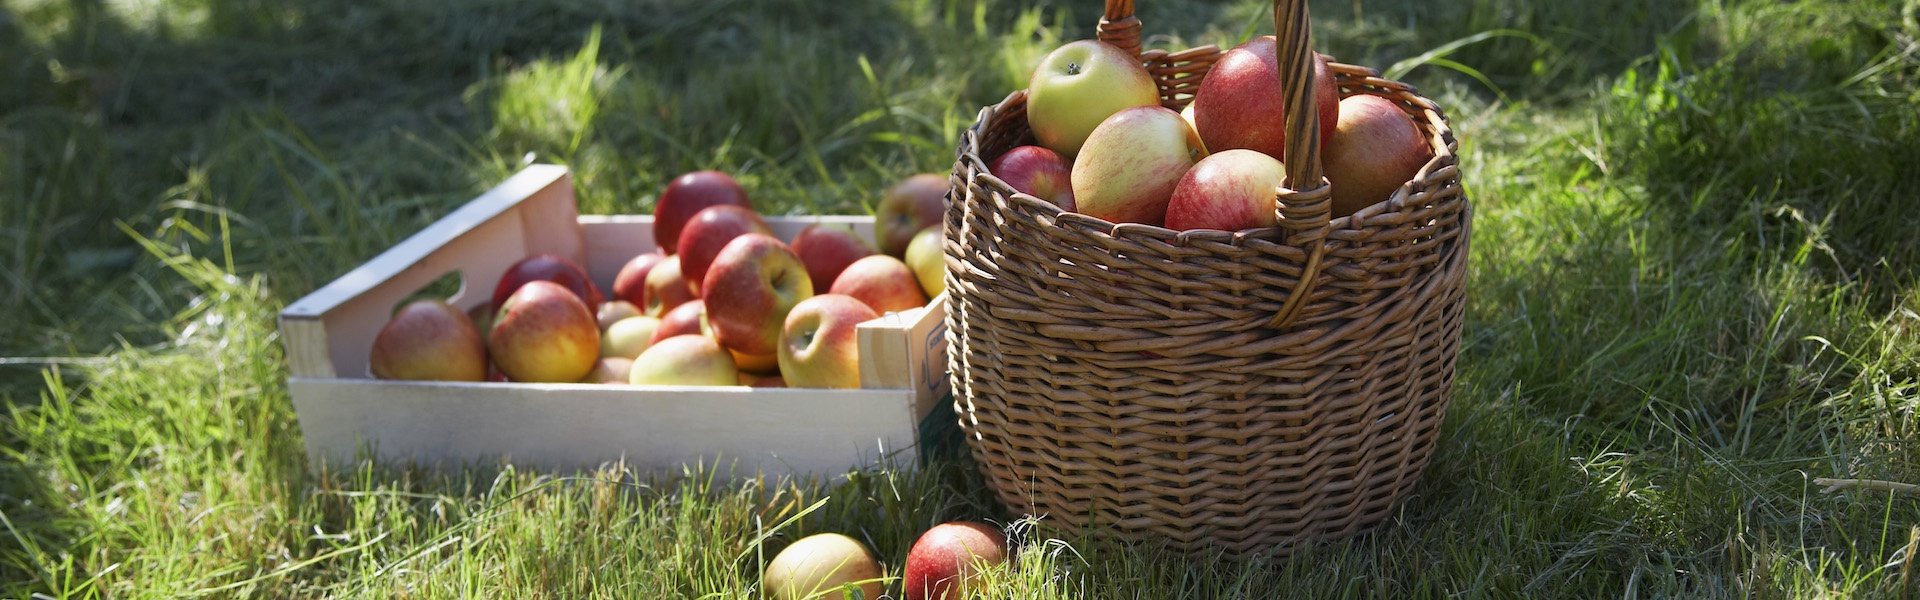 Снимка на кошница с ябълки